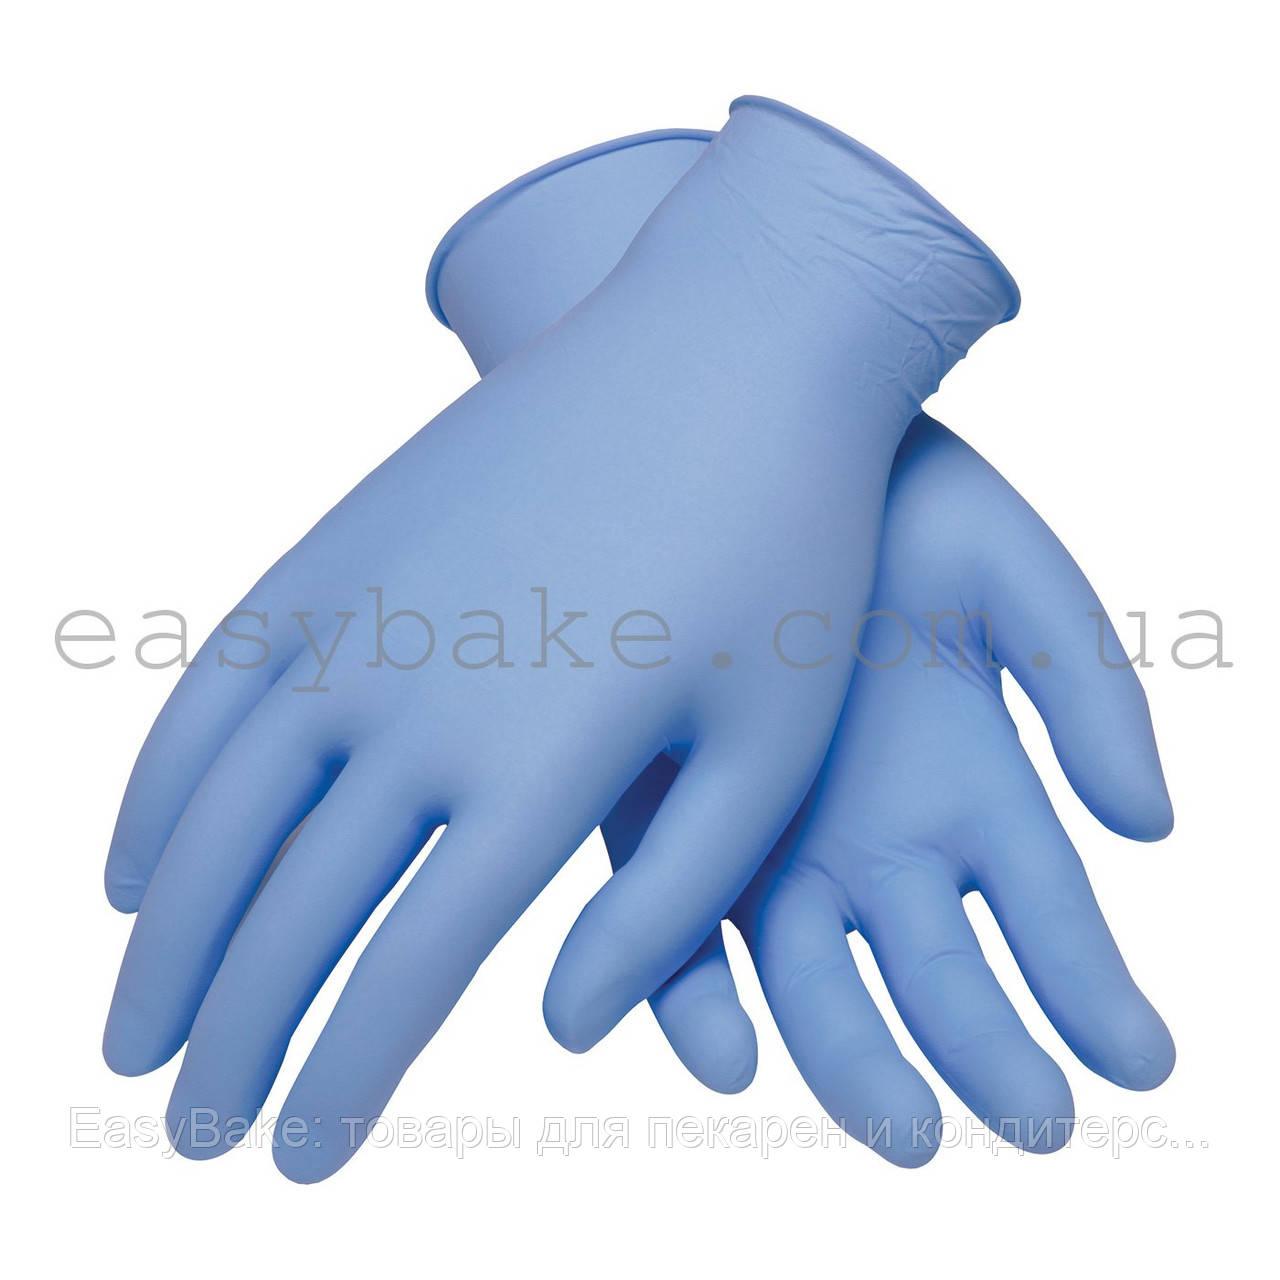 Перчатки нитрил супер Клин 3.0 голубые р.L 200 шт - EasyBake: товары для пекарен и кондитерских в Киеве